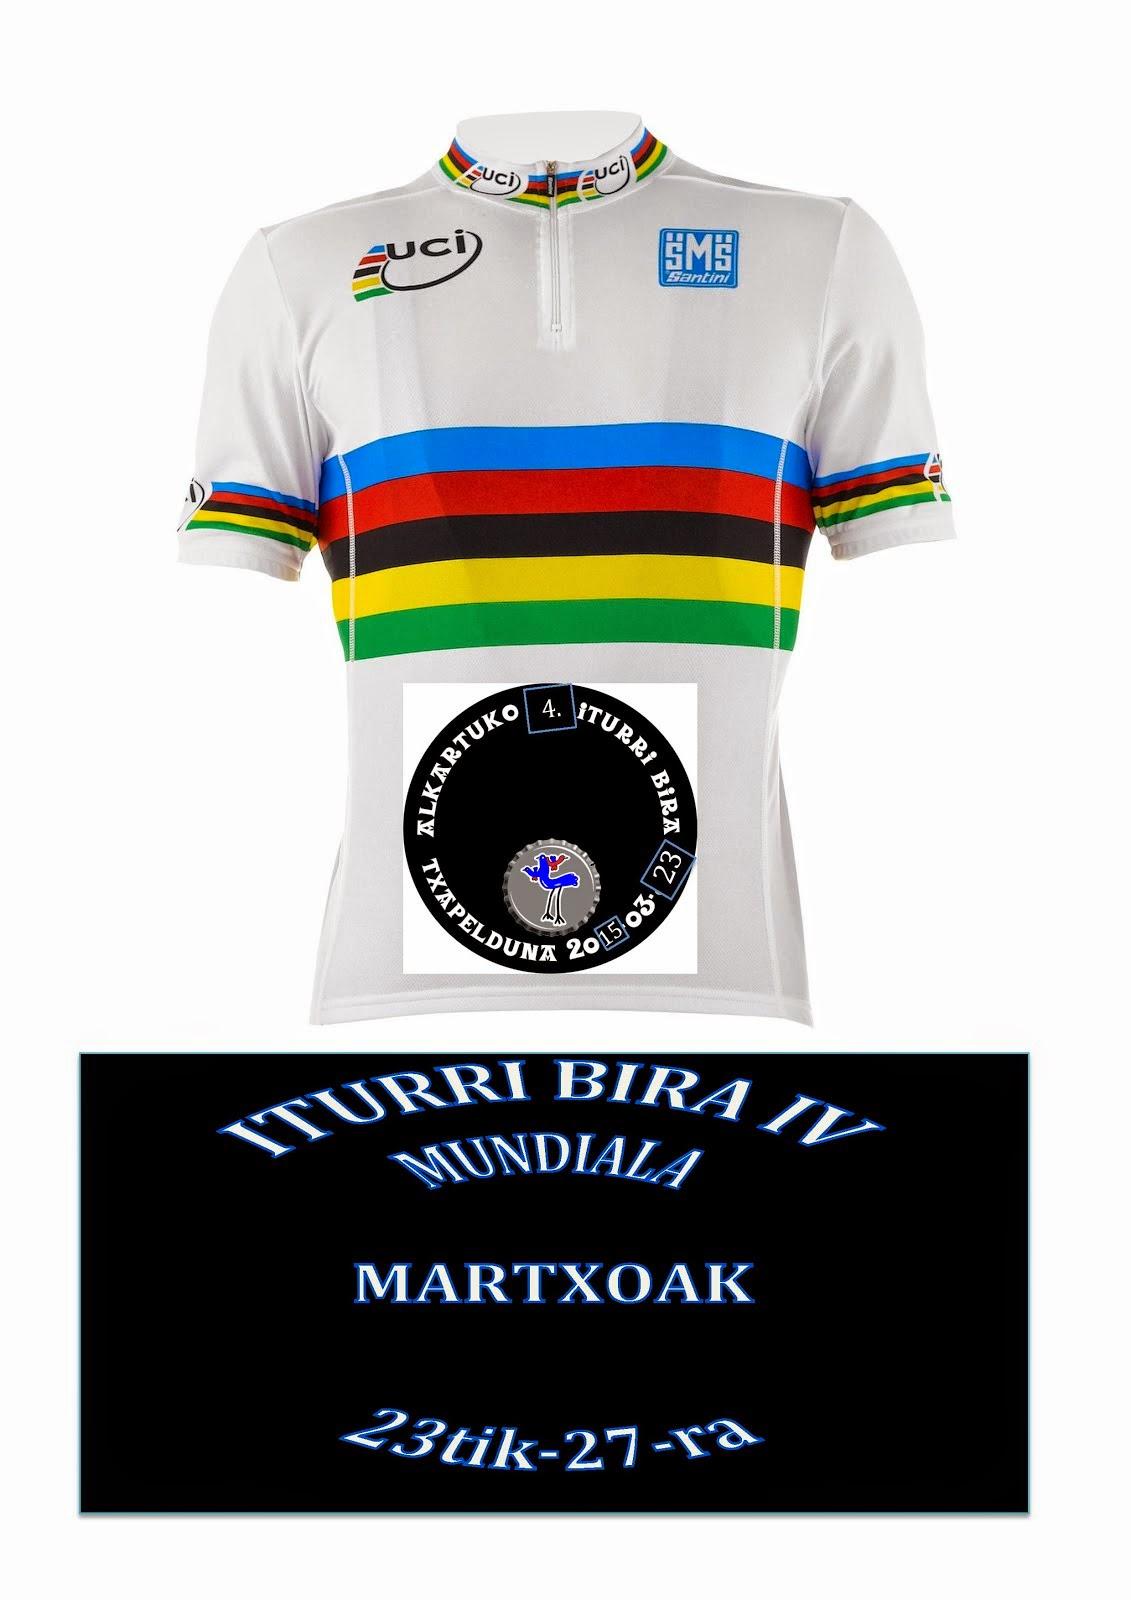 ITURRI BIRA  IV Martxoak 23tik_27ra bitarte.